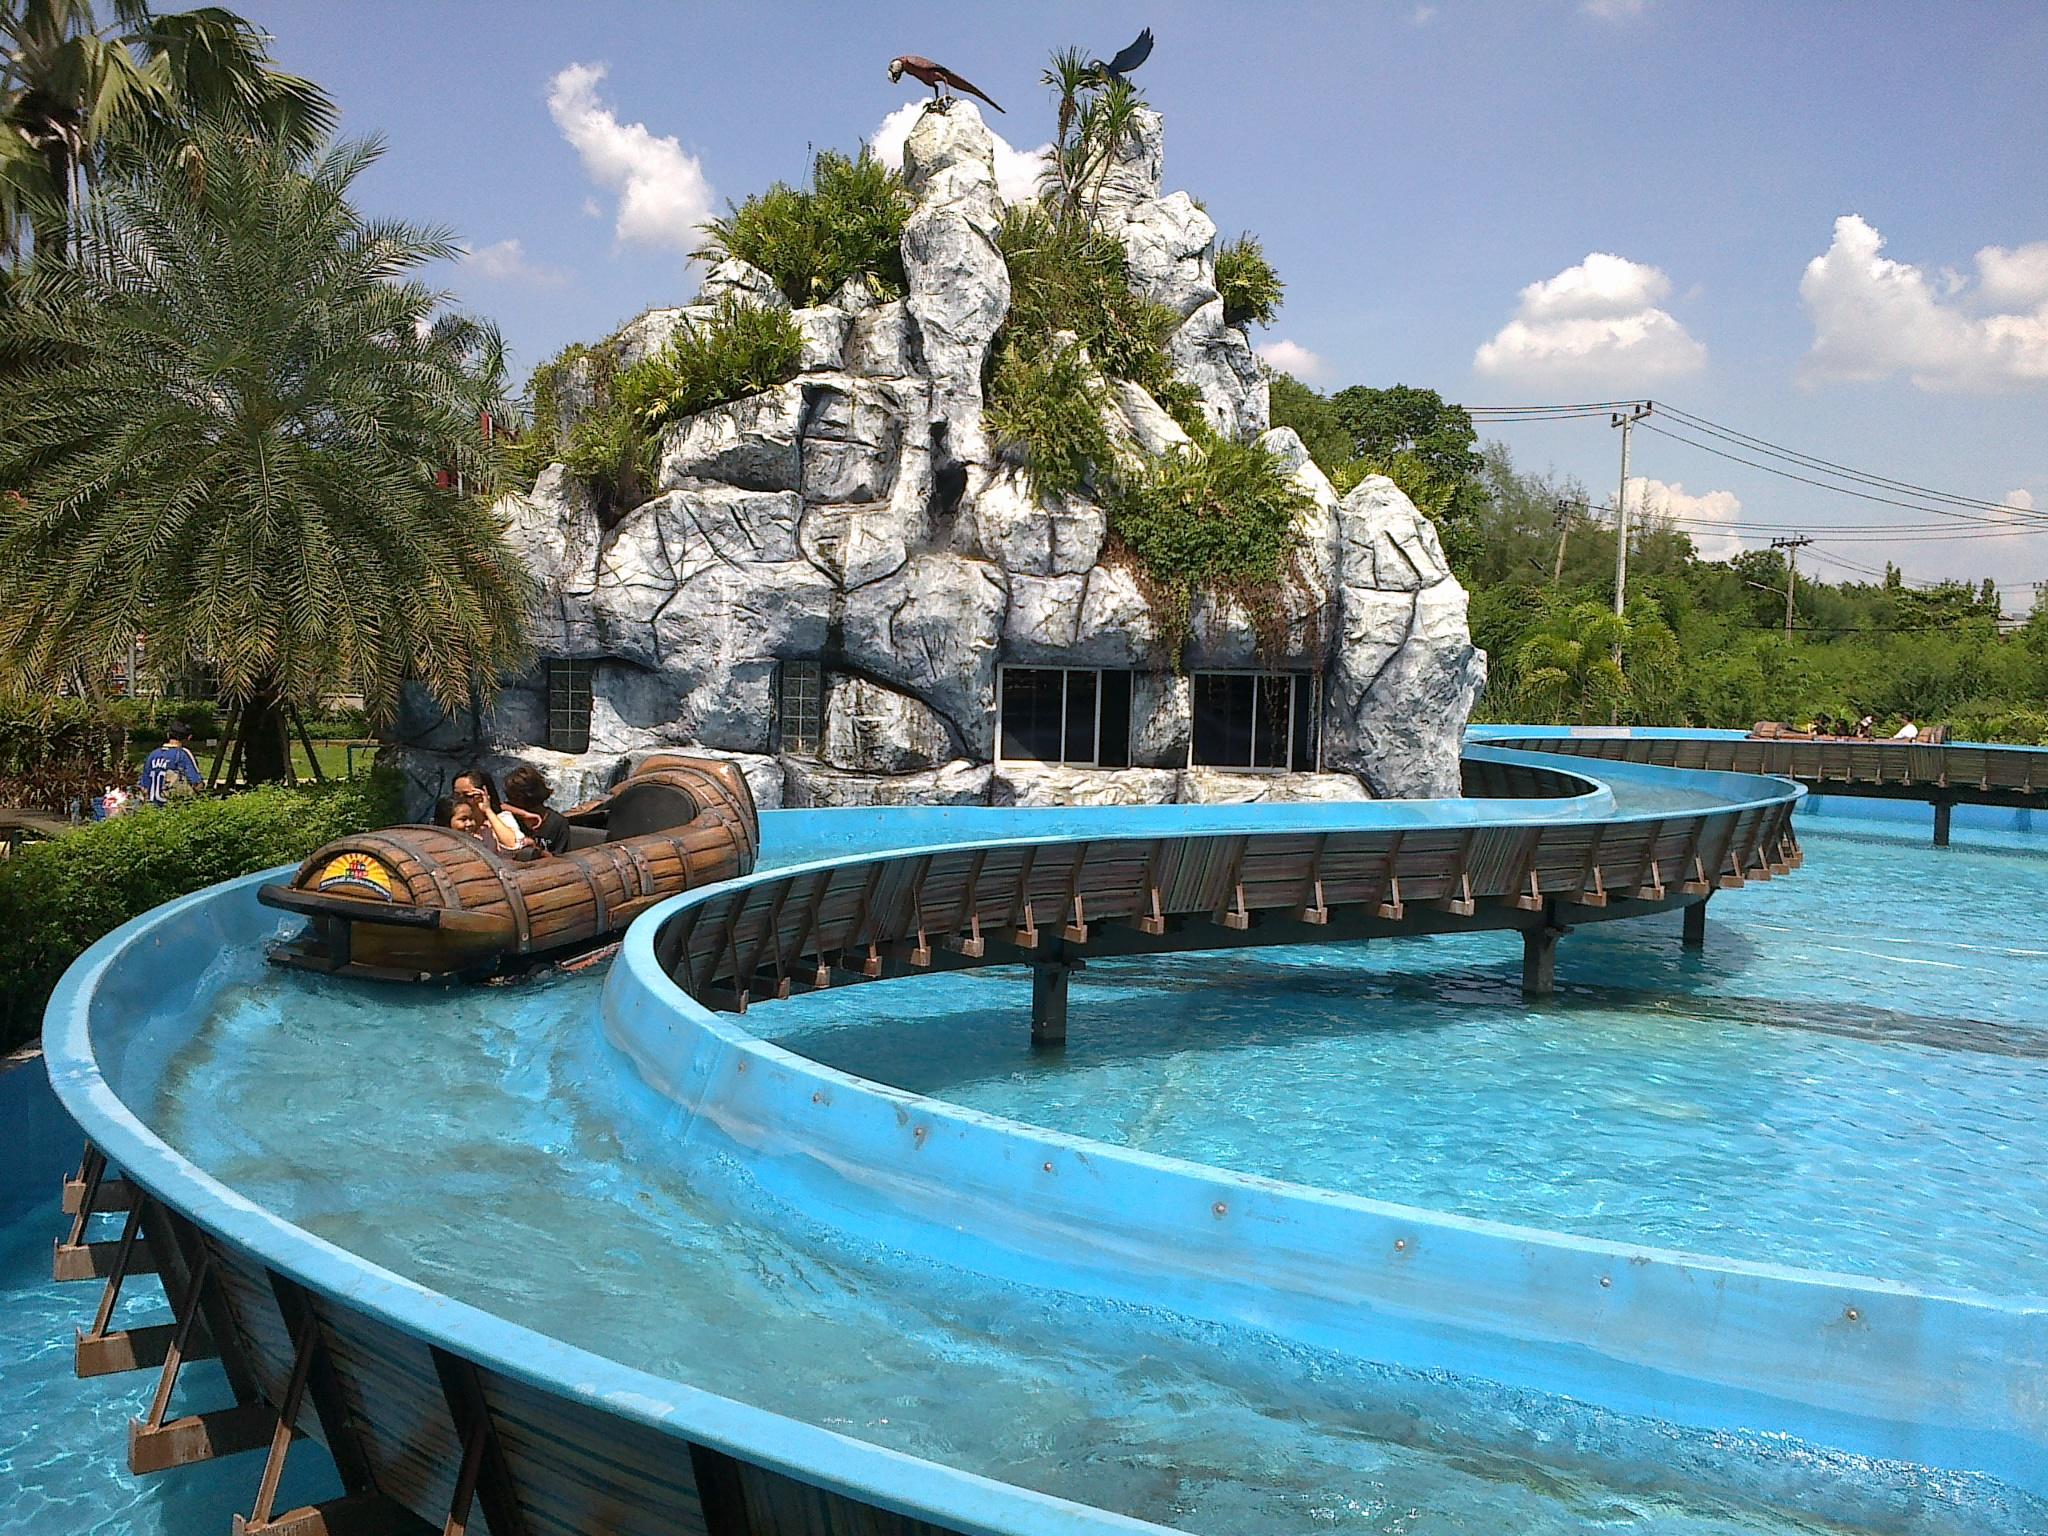 สวนน้ำในไทย สวนน้ำ สยามปาร์ค ซิตี้ (สวนสยามทะเลกรงเทพฯ)